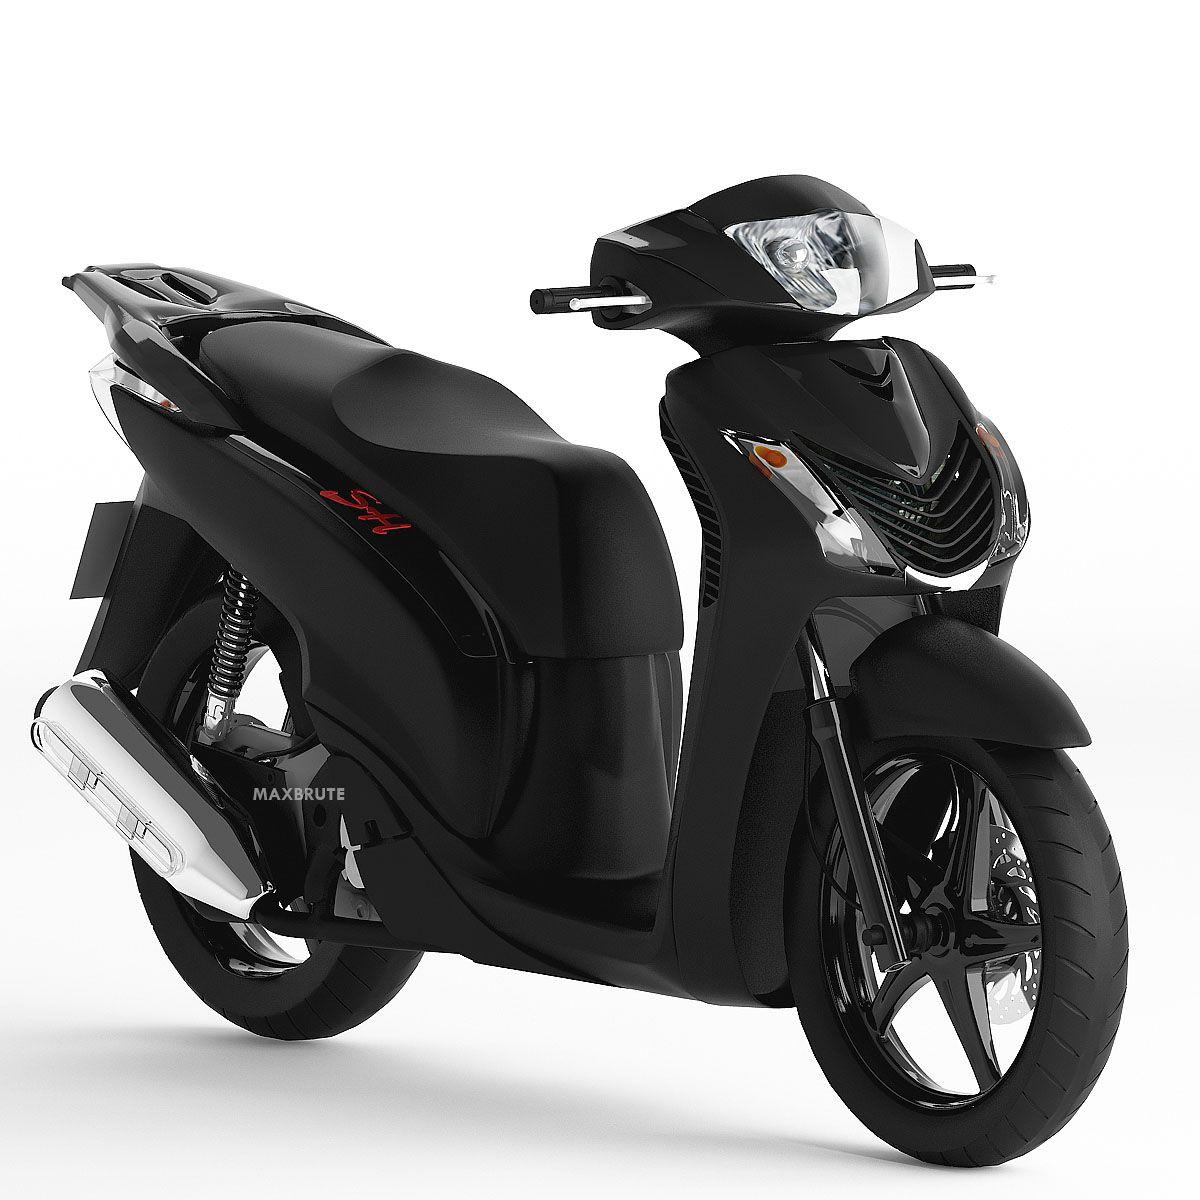 Motorcycle Xe May 3dsmax Sketchup Sh 150i Black đen Mờ Maxbrute Motorcycle Black Vehicles